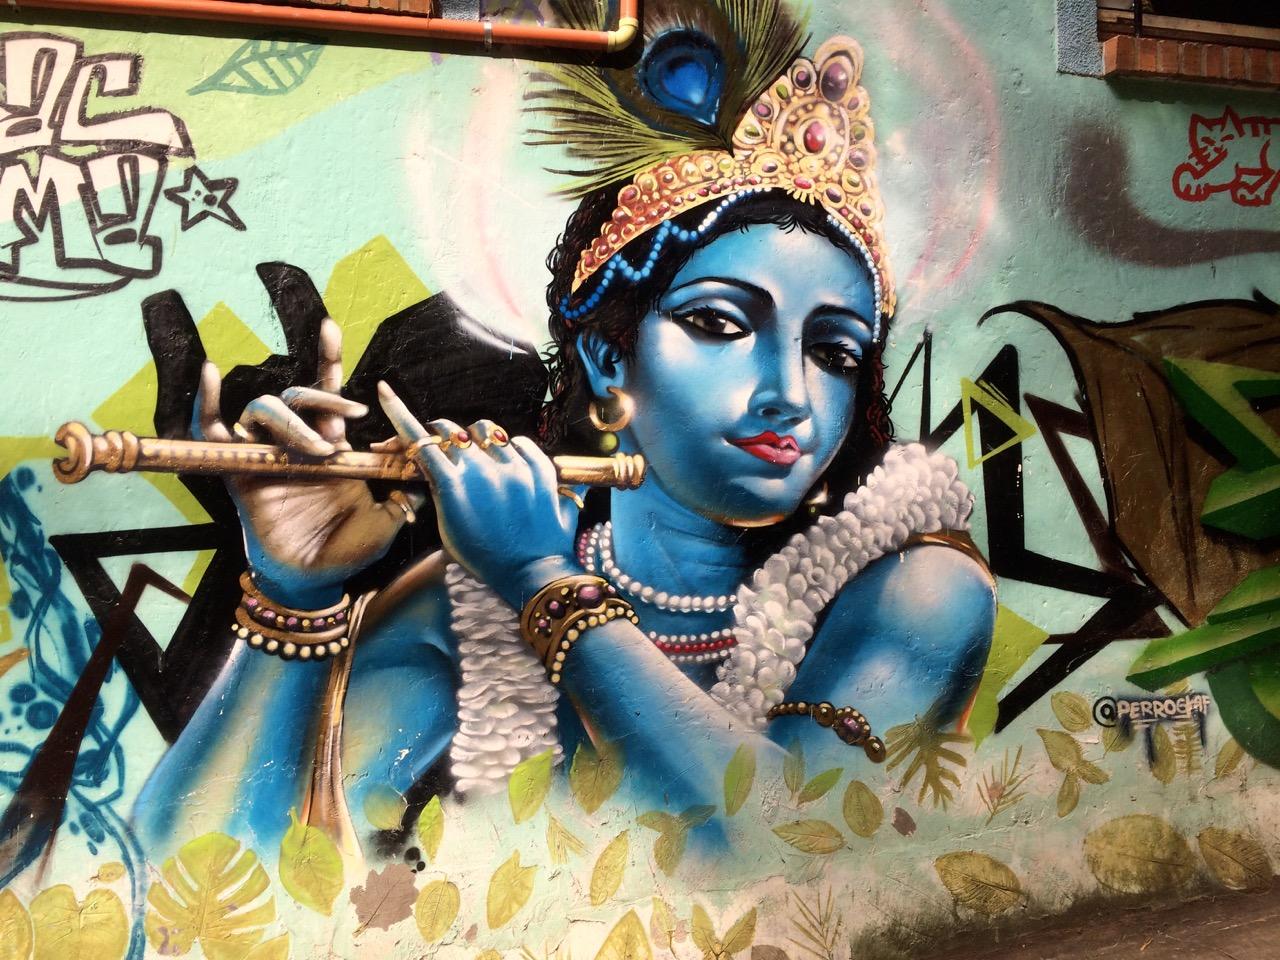 Street Art in Medellin